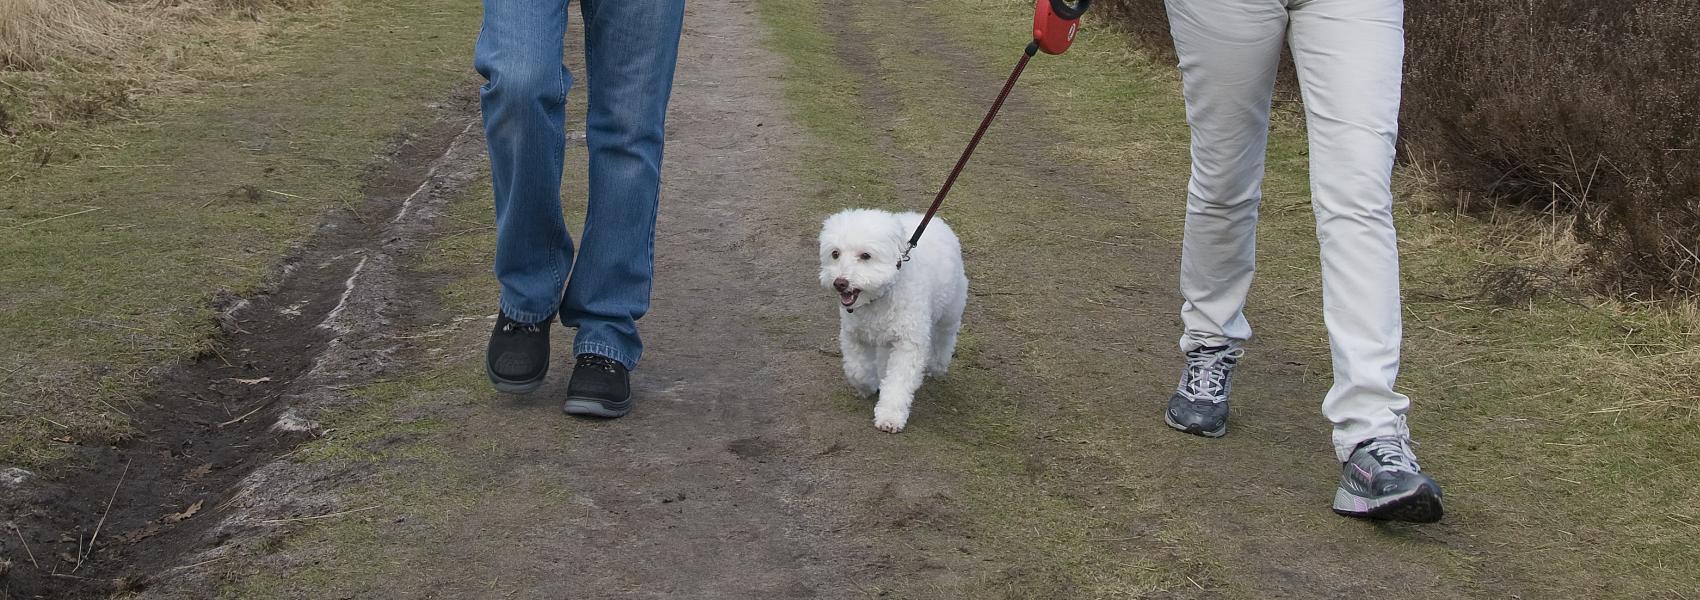 wandelaars met hond